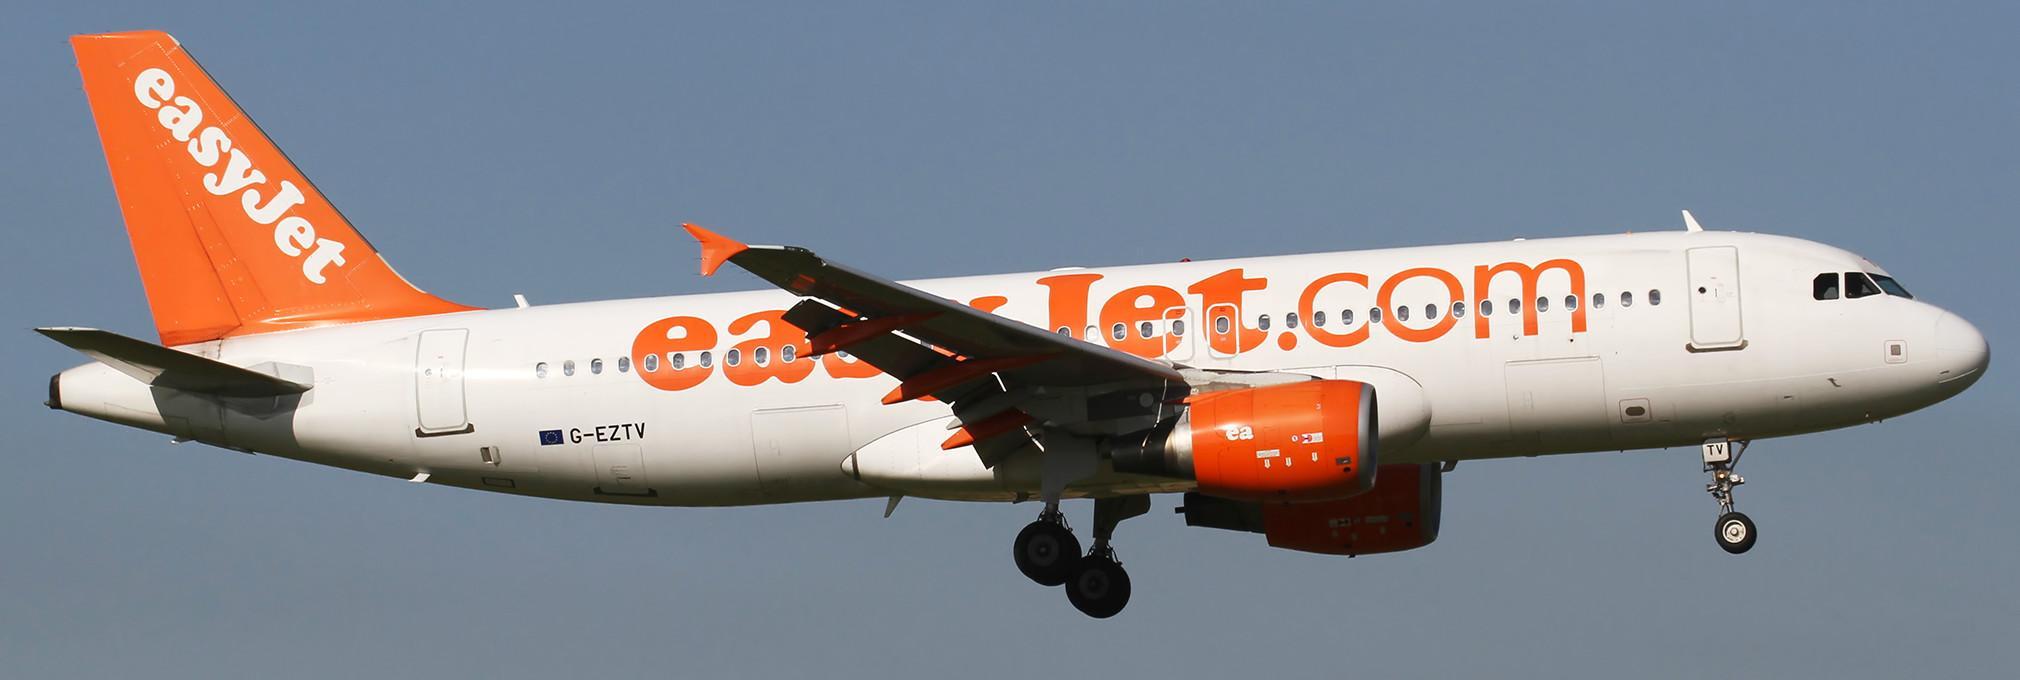 Aereo easyjet evacuato a napoli per allarme terrorismo - Easyjet cosa si puo portare in aereo ...